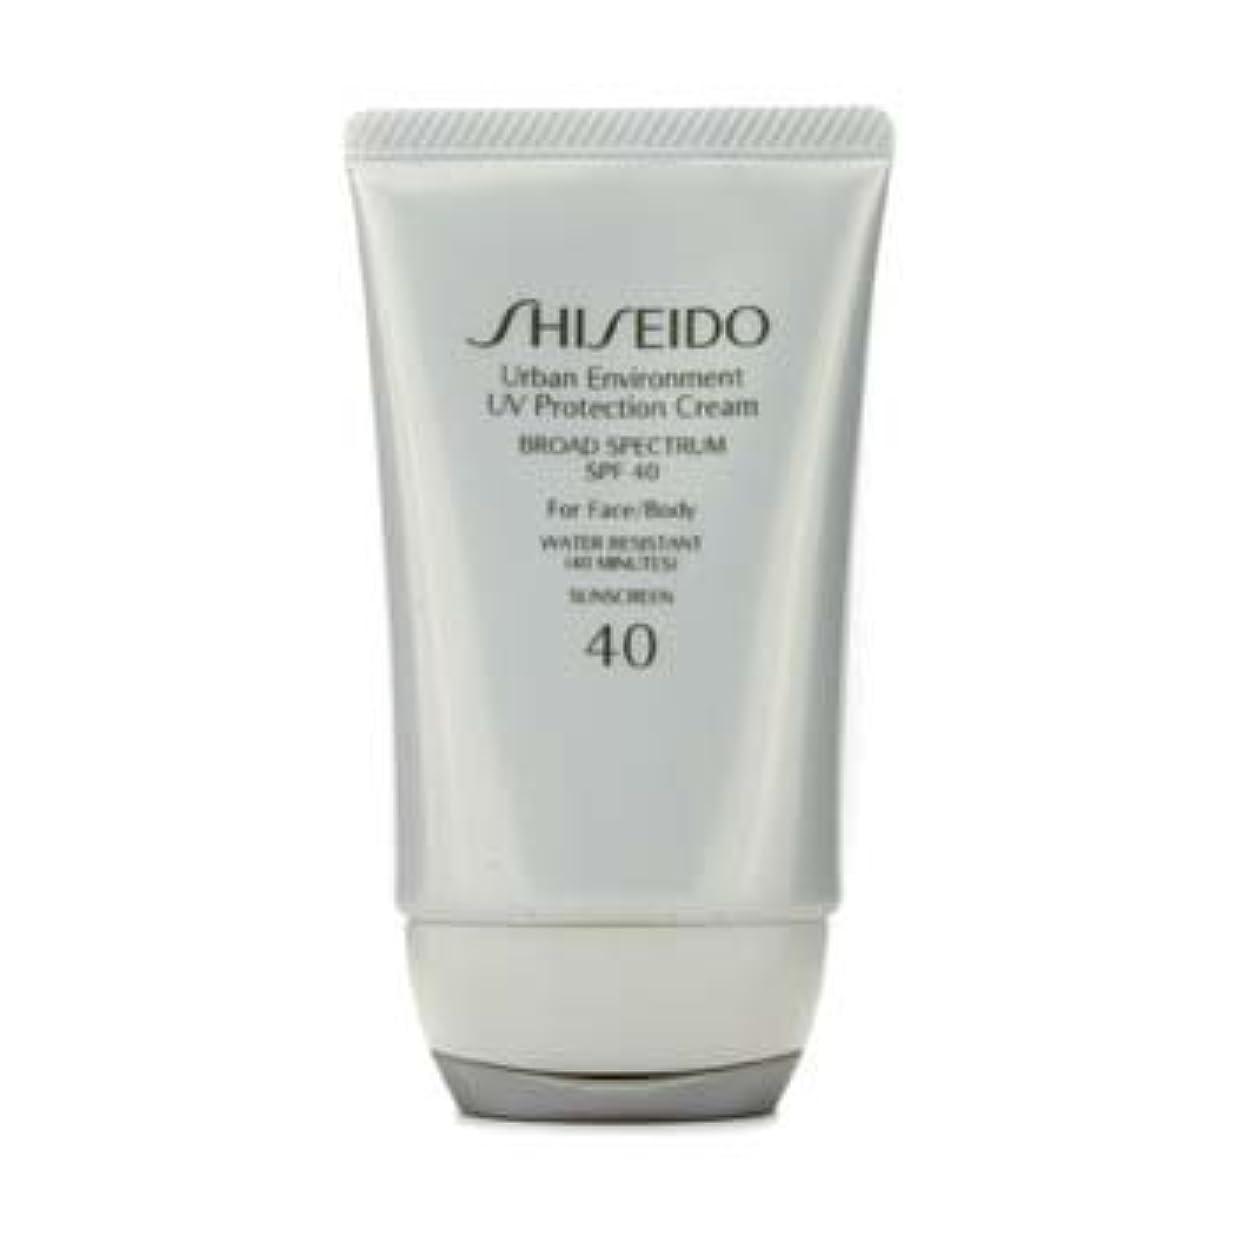 どっち被害者森Shiseido Urban Environment UV Protection Cream SPF 40 (For Face & Body) - 50ml/1.9oz by Shiseido [並行輸入品]